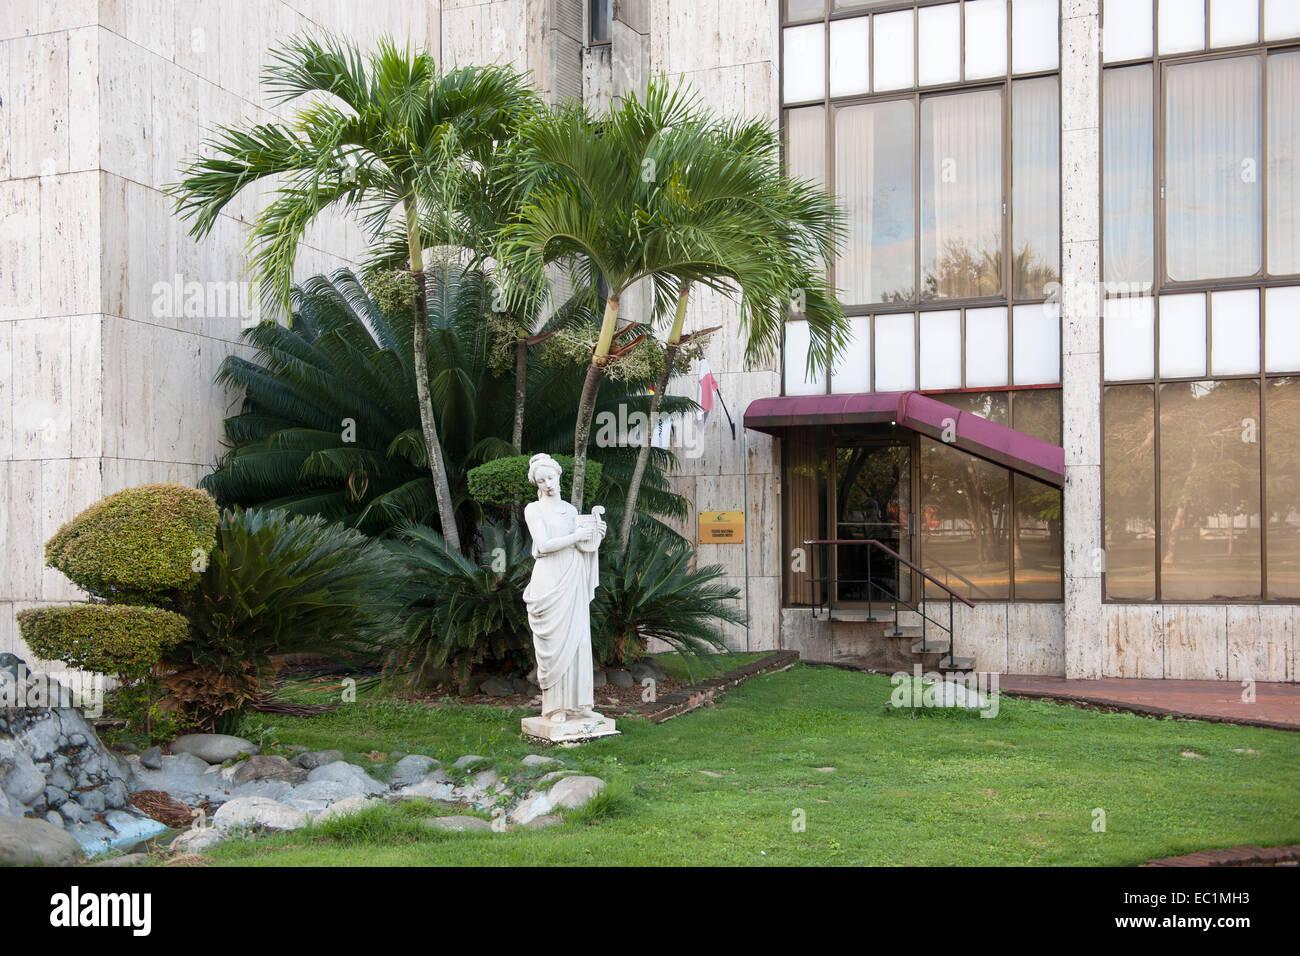 Dominikanische Republik, Santo Domingo, Parque de la Cultura, Parque de la Cultura - Stock Image